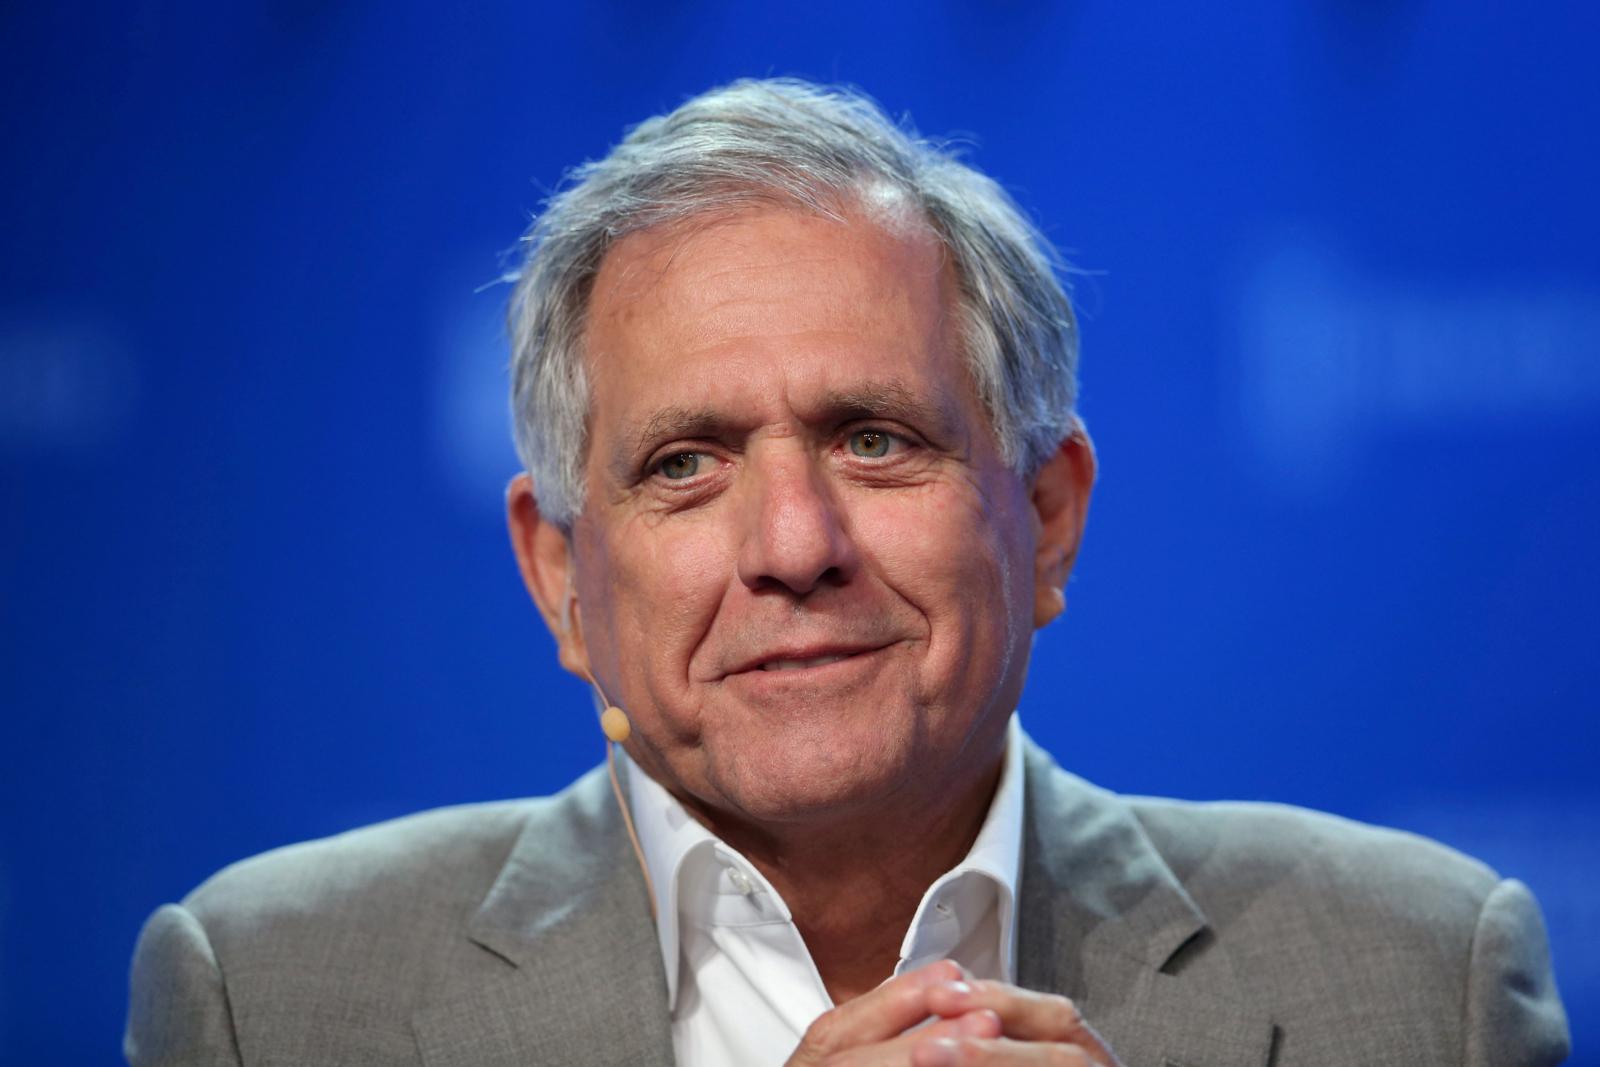 CBS CEO Leslie Moonves